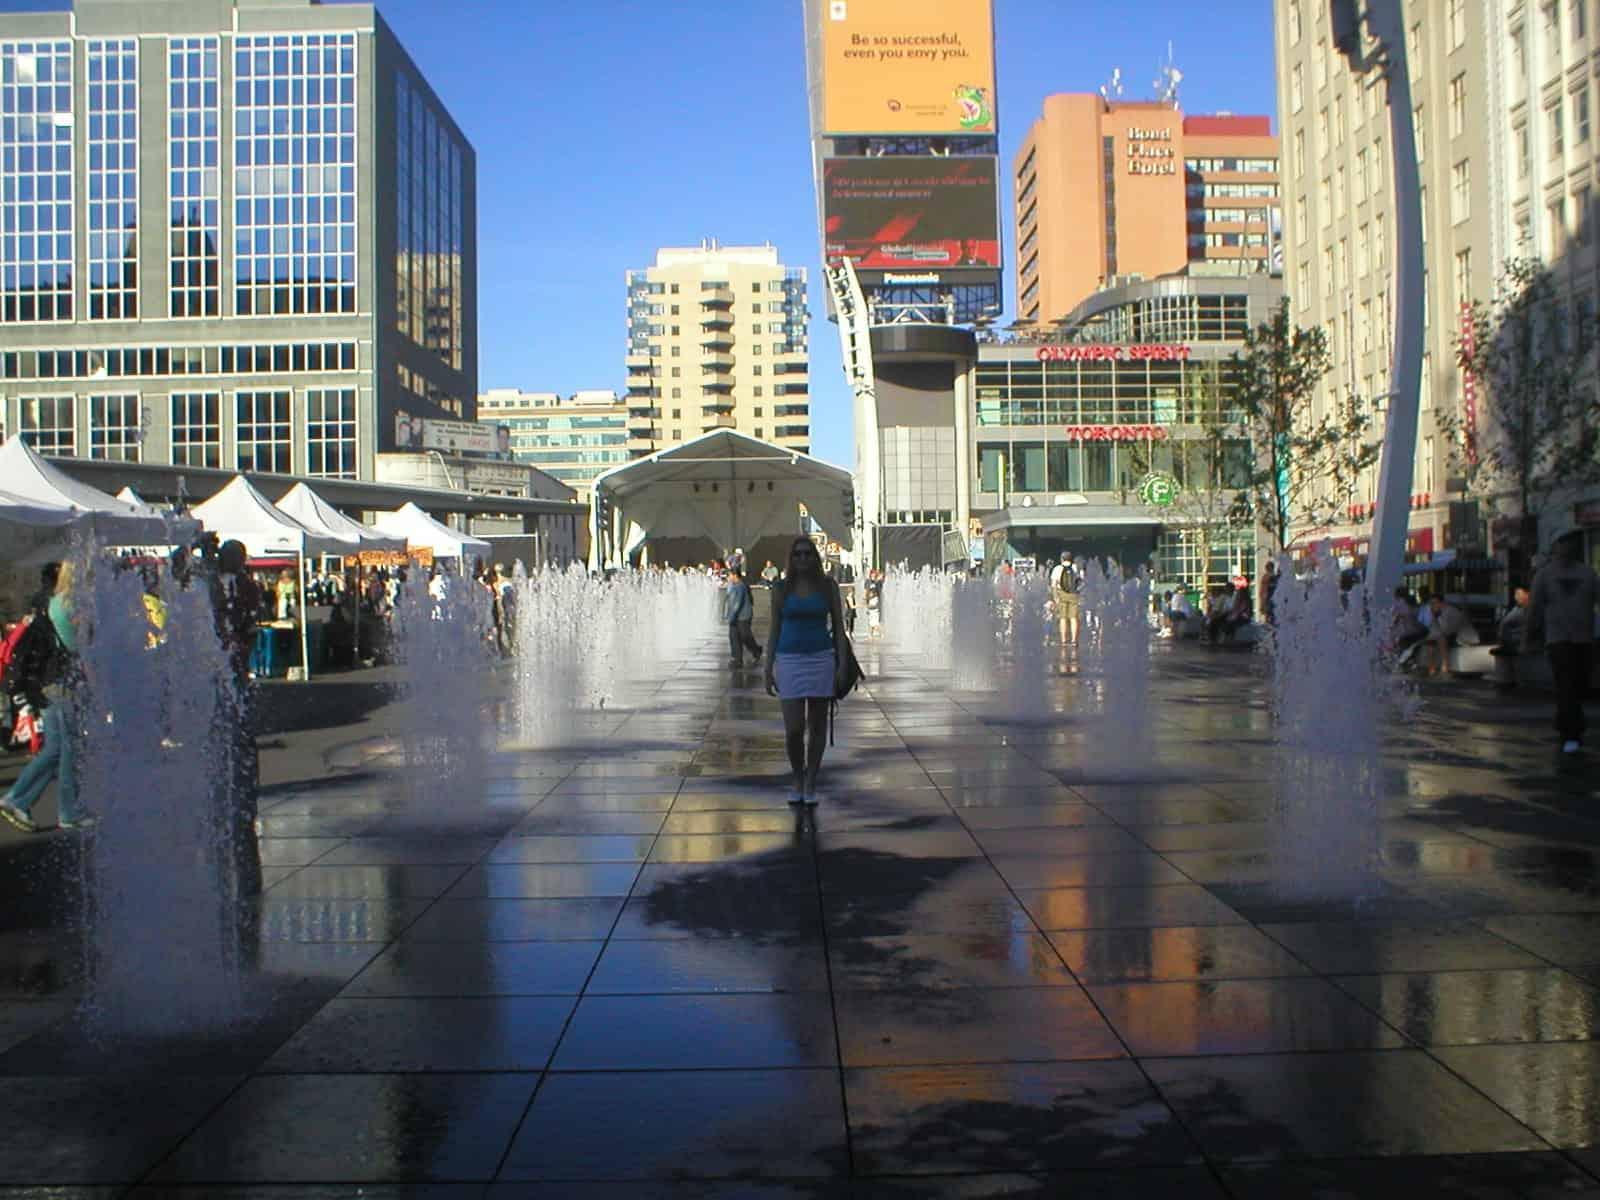 Fontes do centro comercial, em Toronto